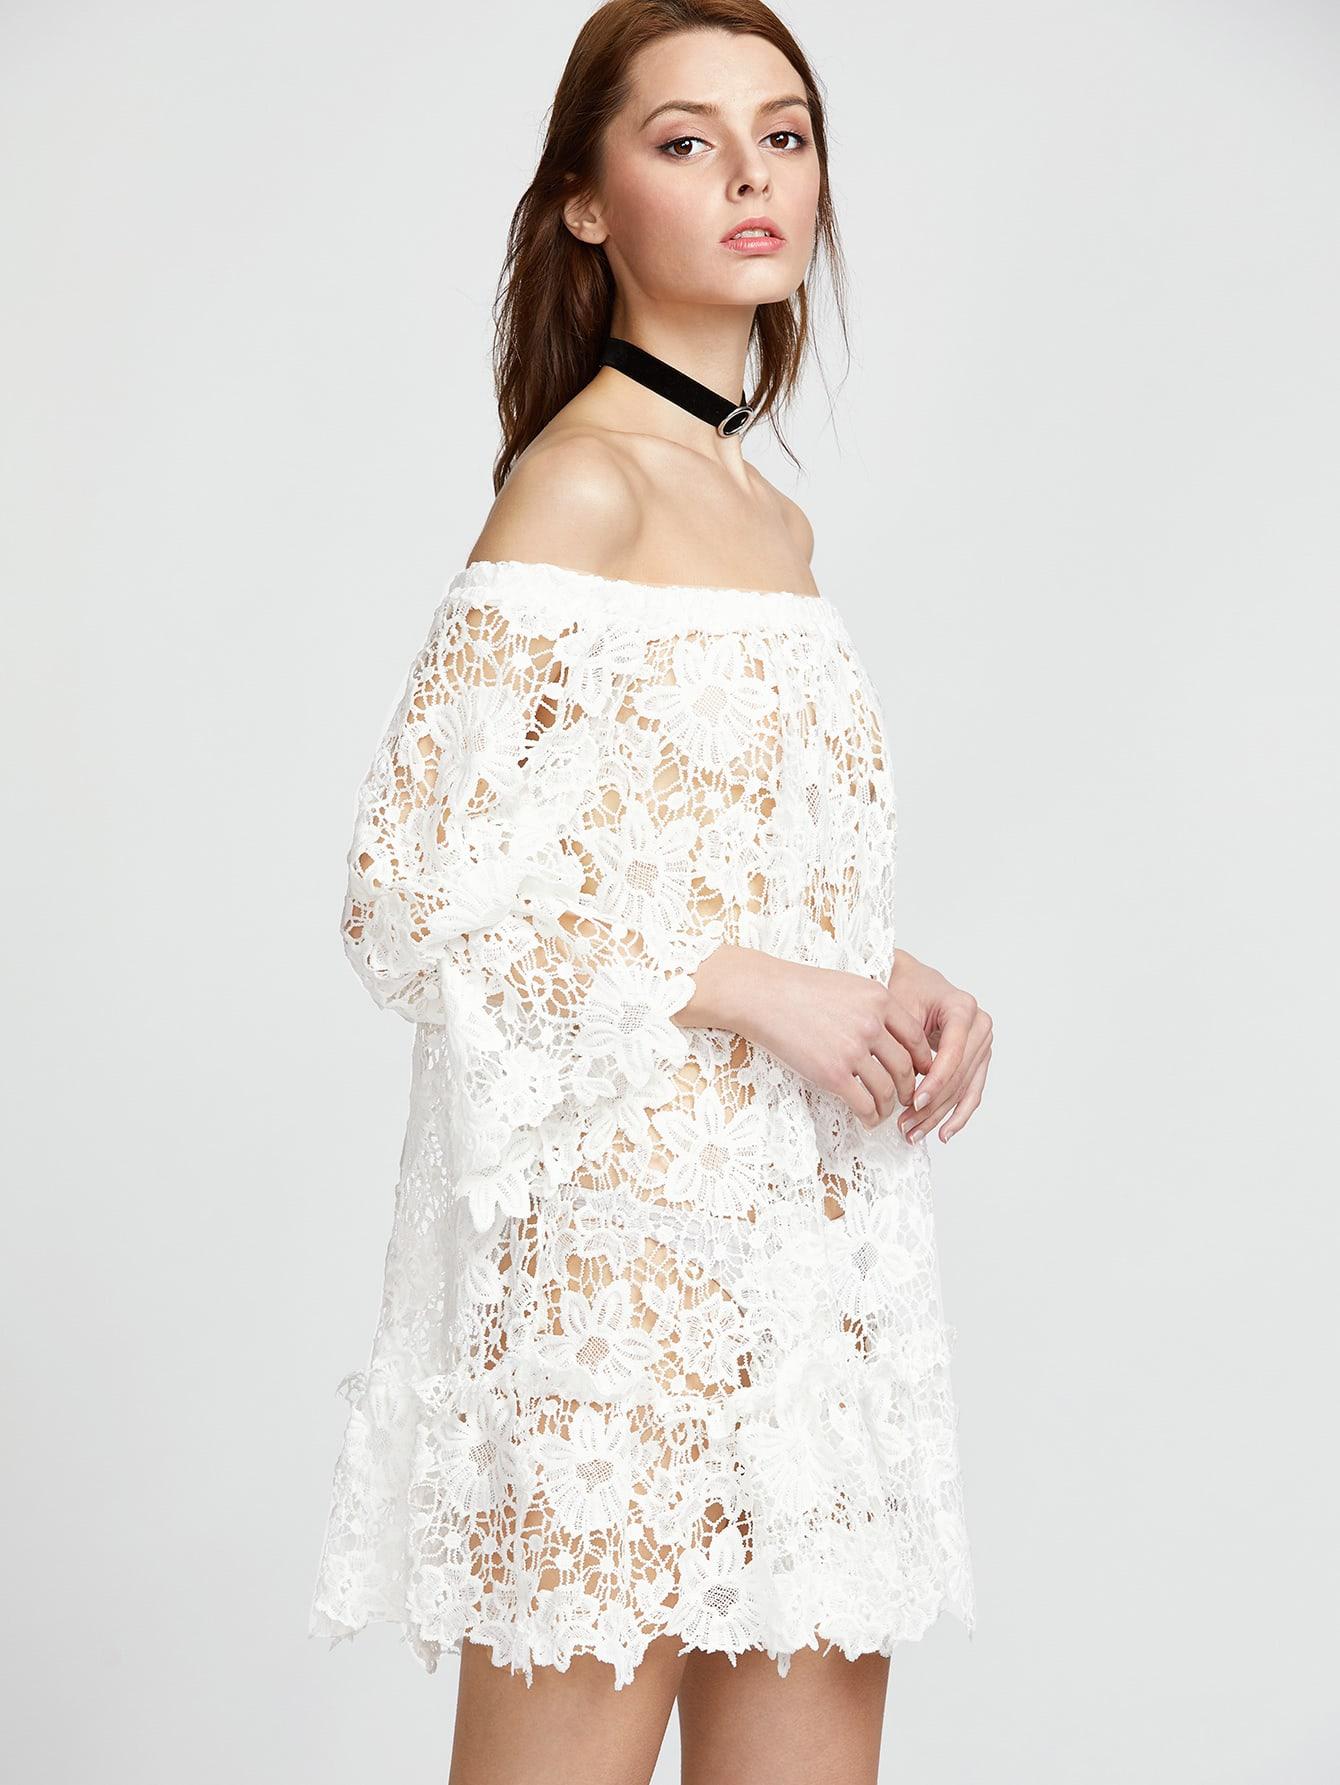 dress170317714_2